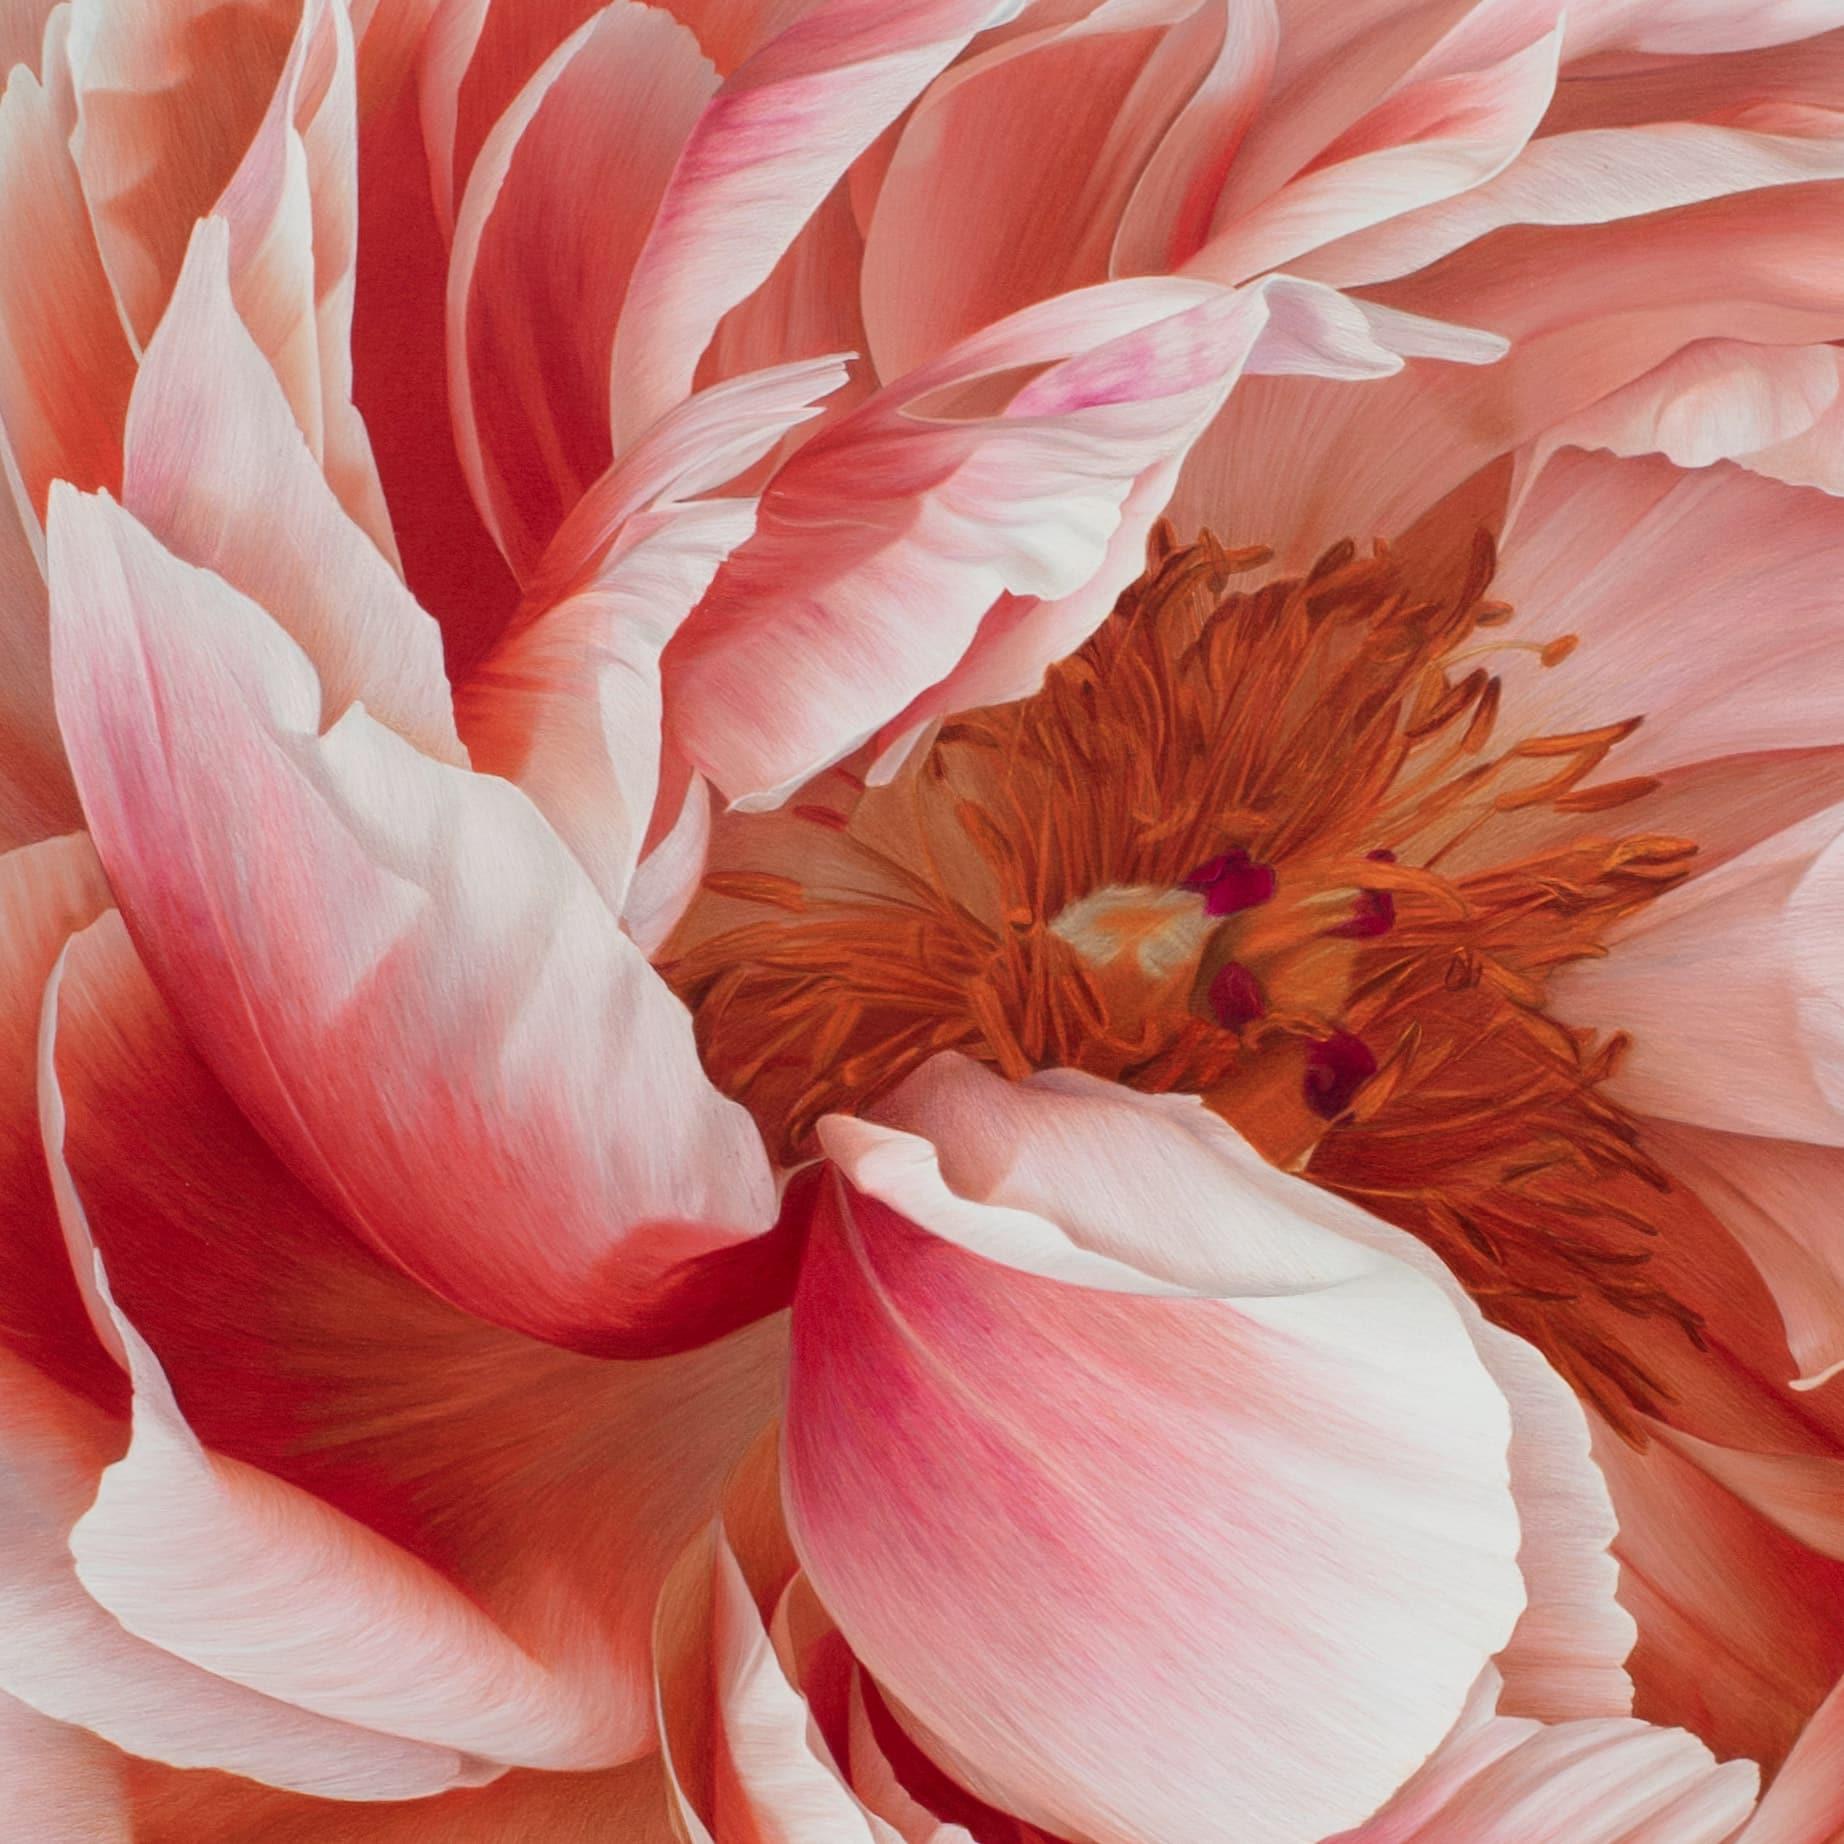 hendry flor bloom detalle